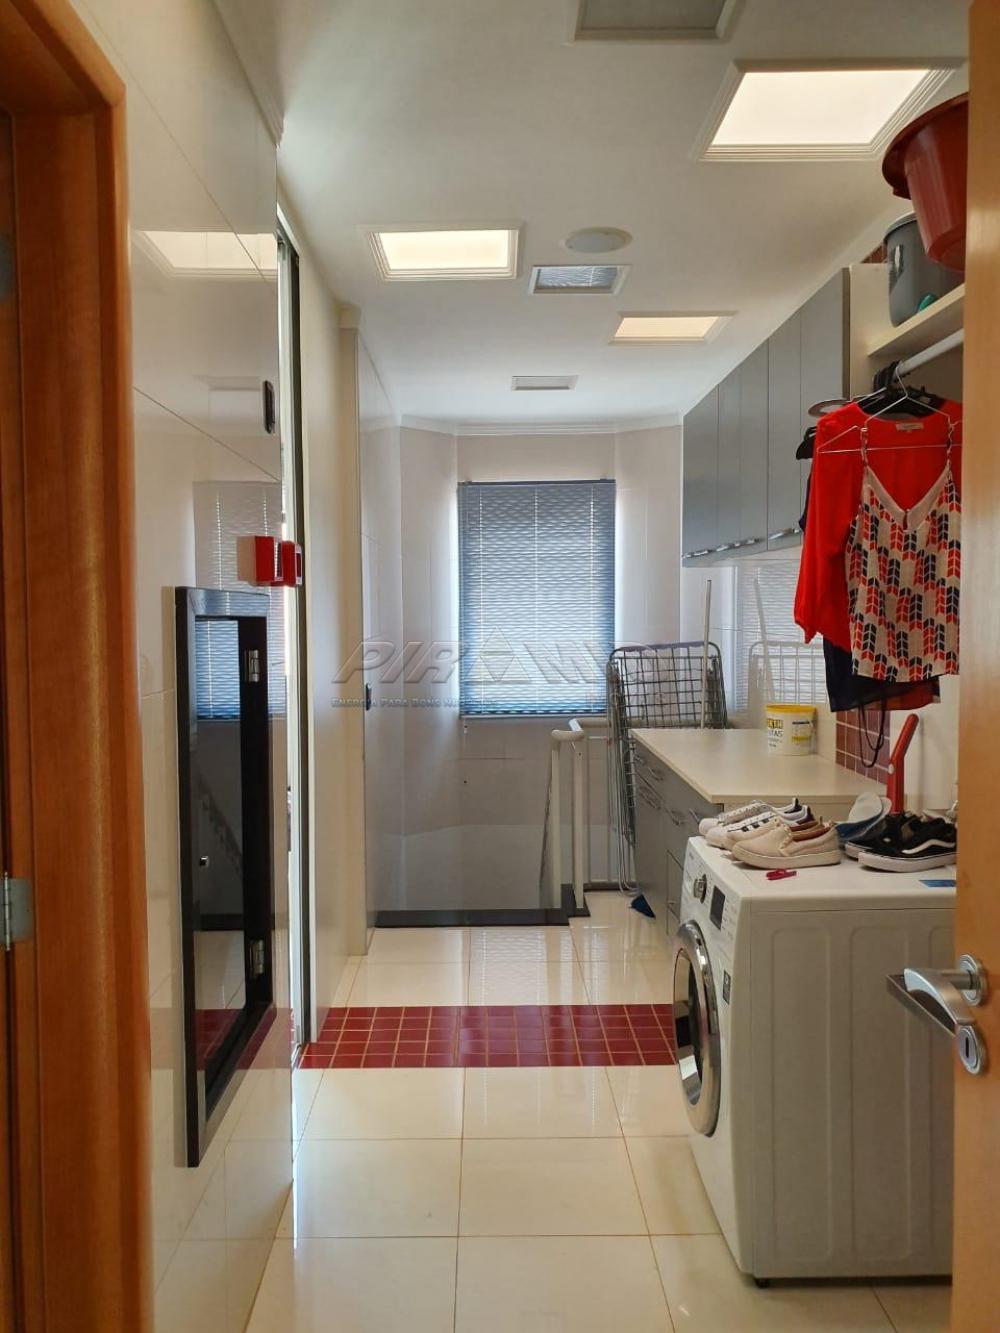 Comprar Apartamento / Cobertura em Ribeirão Preto apenas R$ 2.300.000,00 - Foto 25